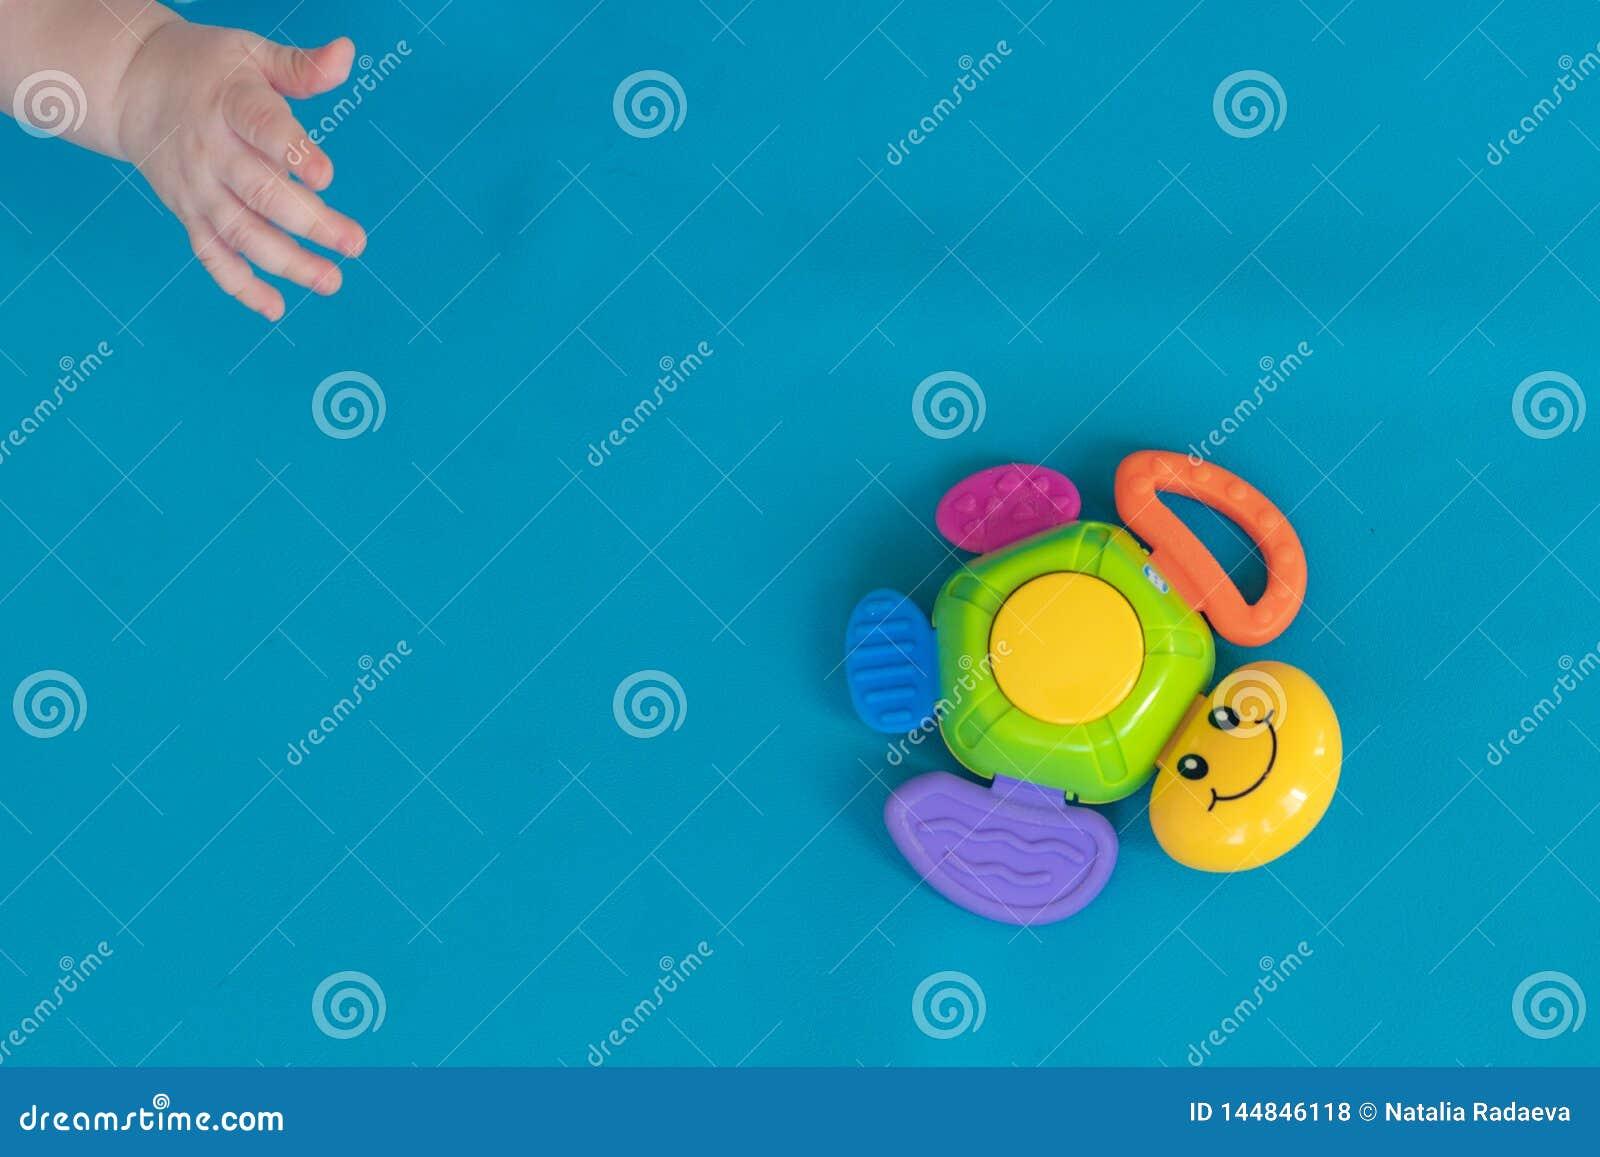 De hand van het kind bereikt voor een multicolored stuk speelgoed schildpad, welke het hangen tegen een blauwe achtergrond diagon